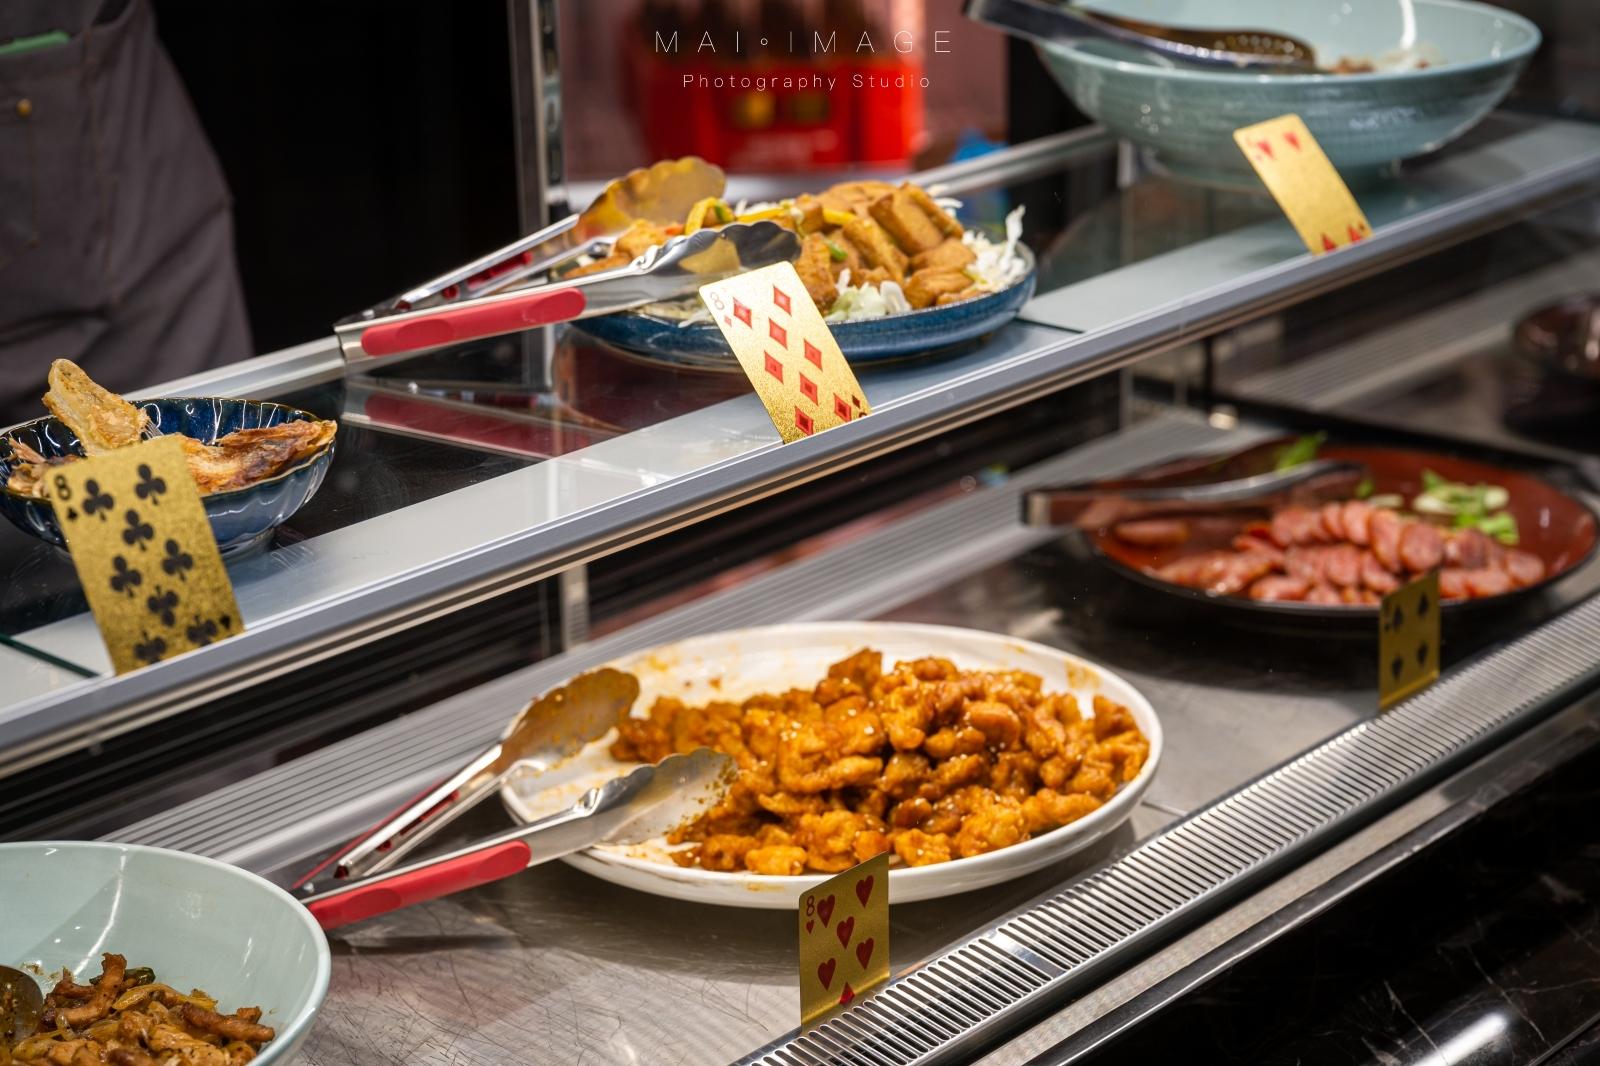 台北美食|『不糾結清粥小菜』全台最時尚唯一擁有101夜景的清粥小菜在這~營業到凌晨3點,半夜找吃的這裡最棒。新潮全日食堂、深夜食堂推薦